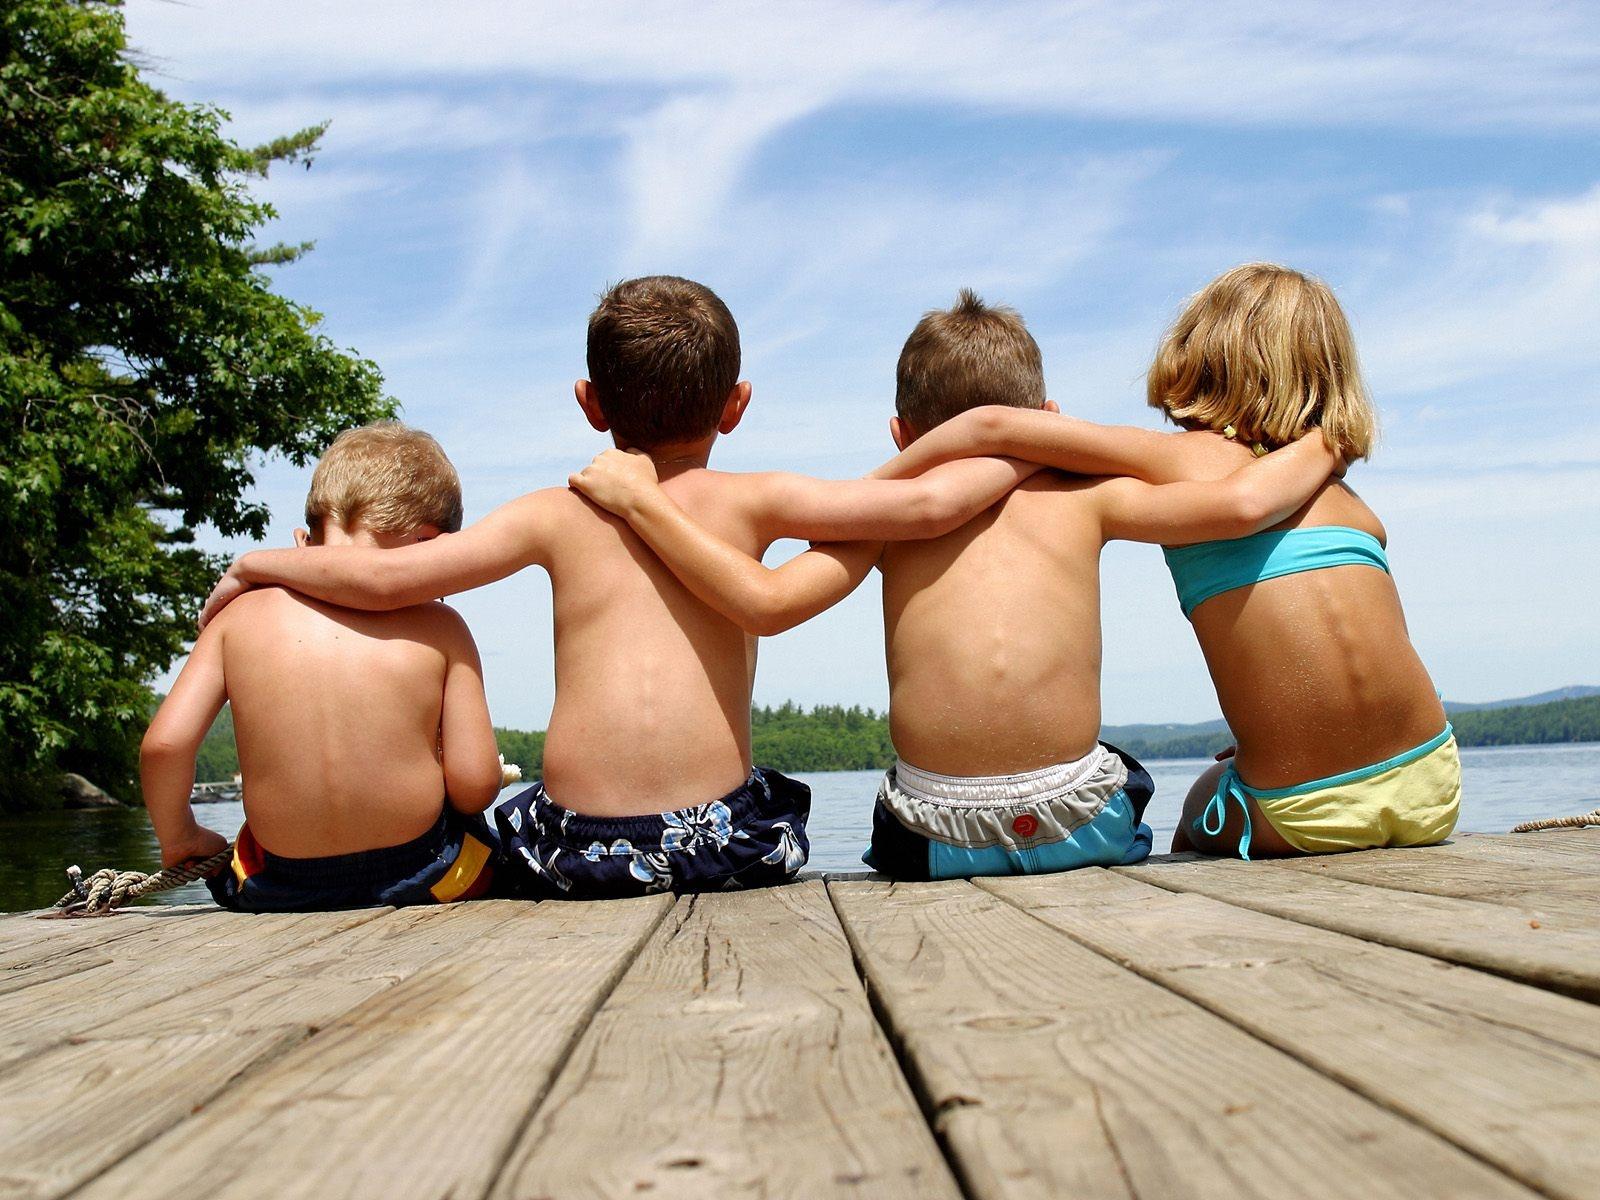 http://2.bp.blogspot.com/-uiV0t22bAHc/UBqKhUvlacI/AAAAAAAAAho/5zSOnN886n4/s1600/best_friends[1].jpg